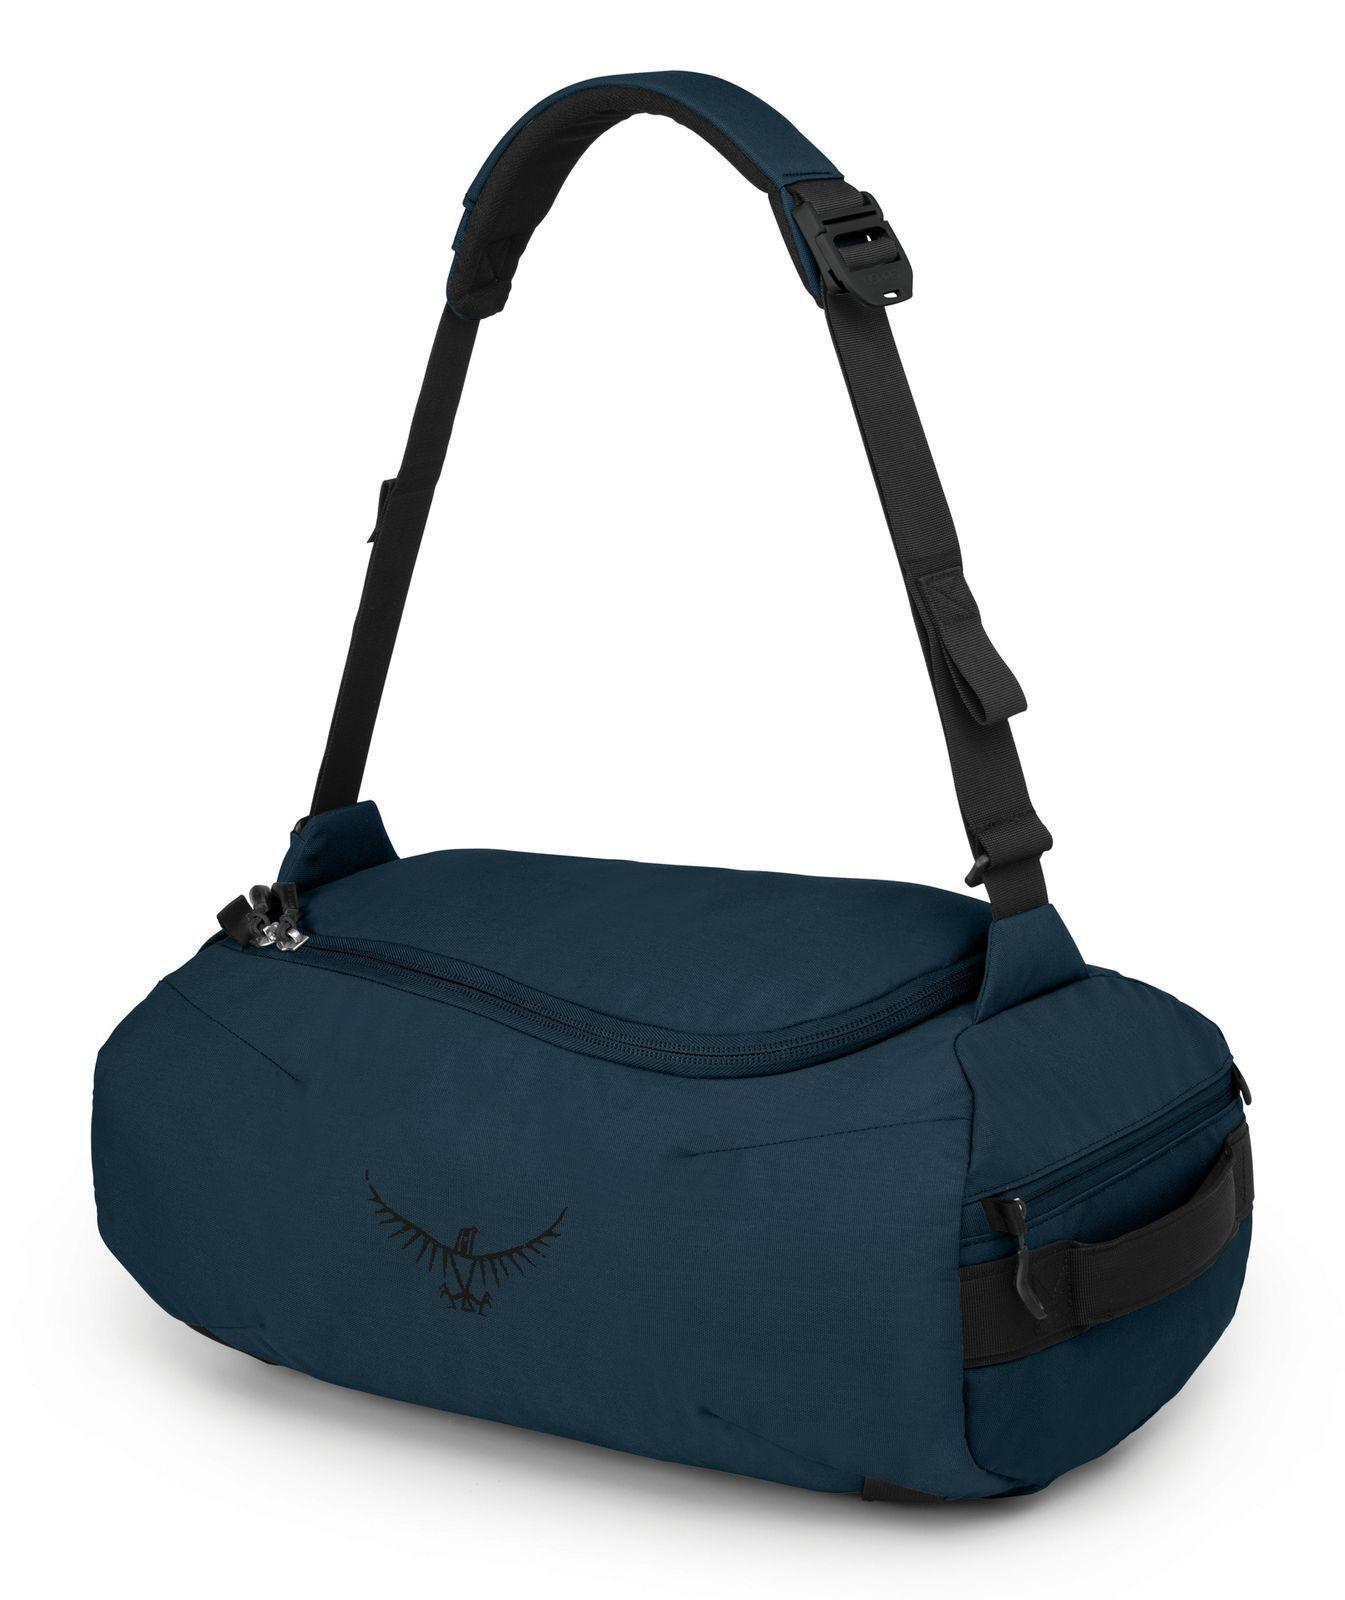 Osprey Trillium 45 Duffle Reisetasche Tasche Vega Blau Blau Grau Neu